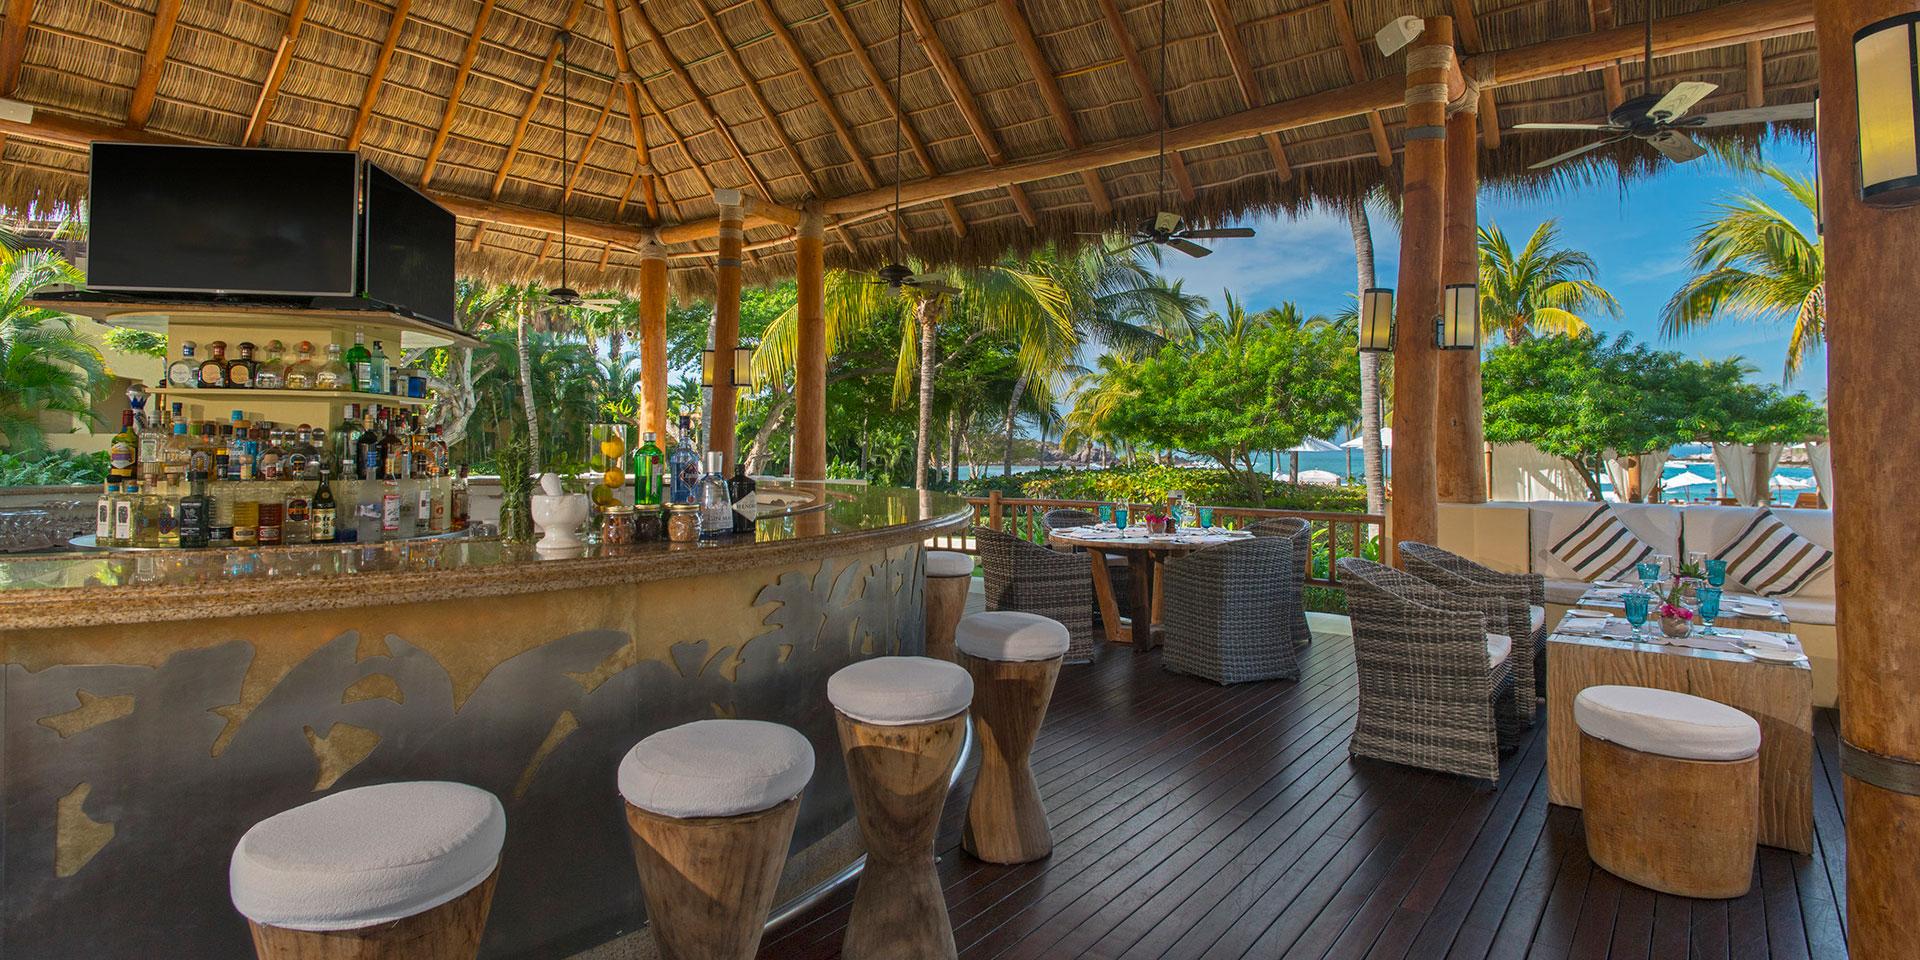 MARRIOTT TRAVELER - Estos son los Mejores Cocktails que Probarás en Punta de Mita     Photo credit: Marriott Traveler